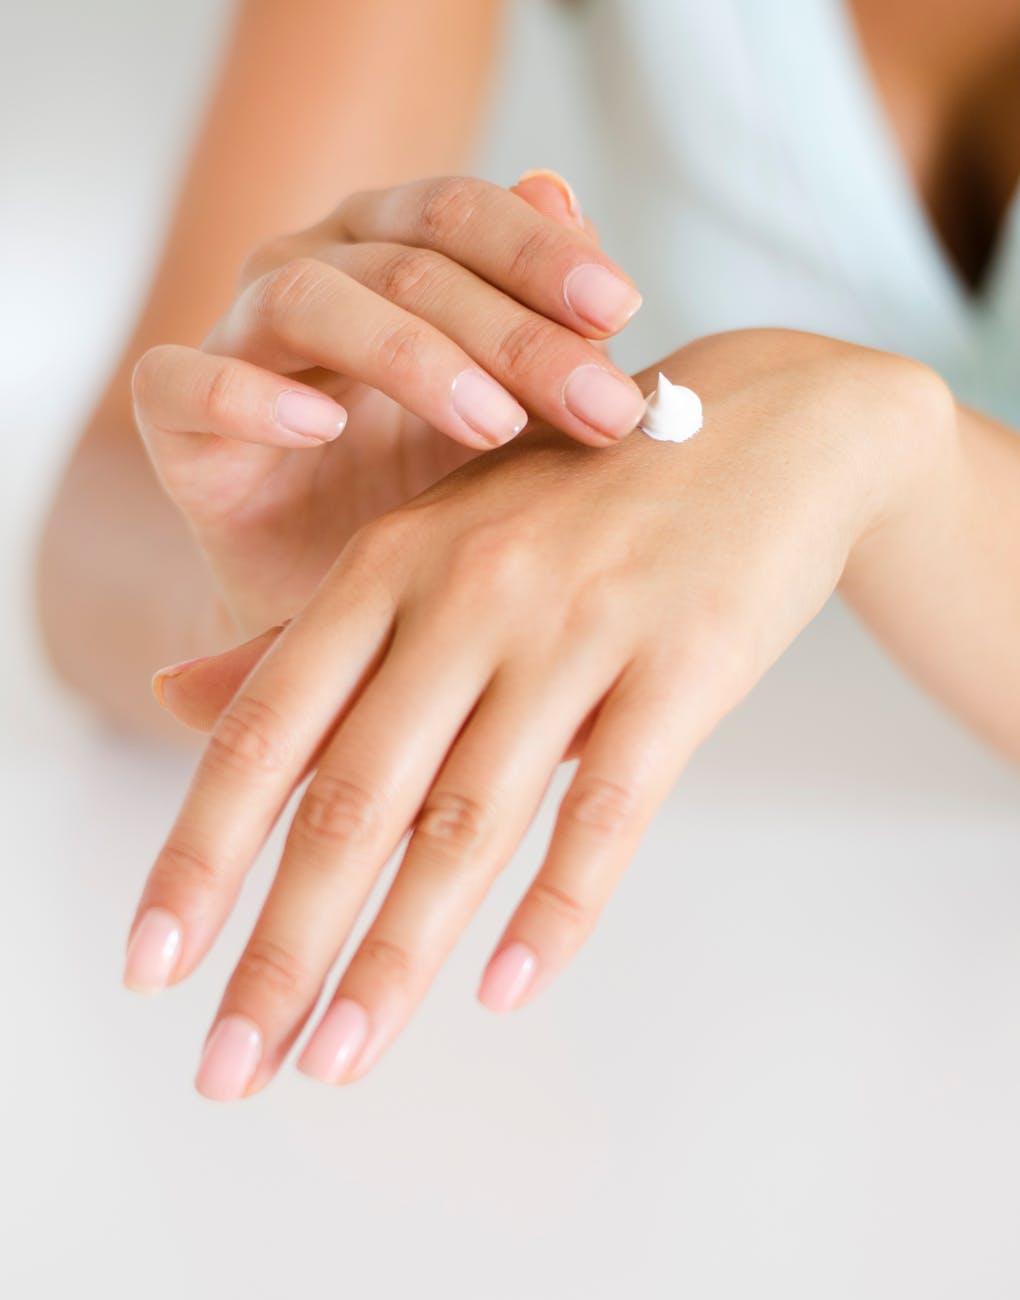 Sau khi nặn mụn có nên chườm đá không? Mẹo chăm sóc da sau nặn mụn không bị thâm 10